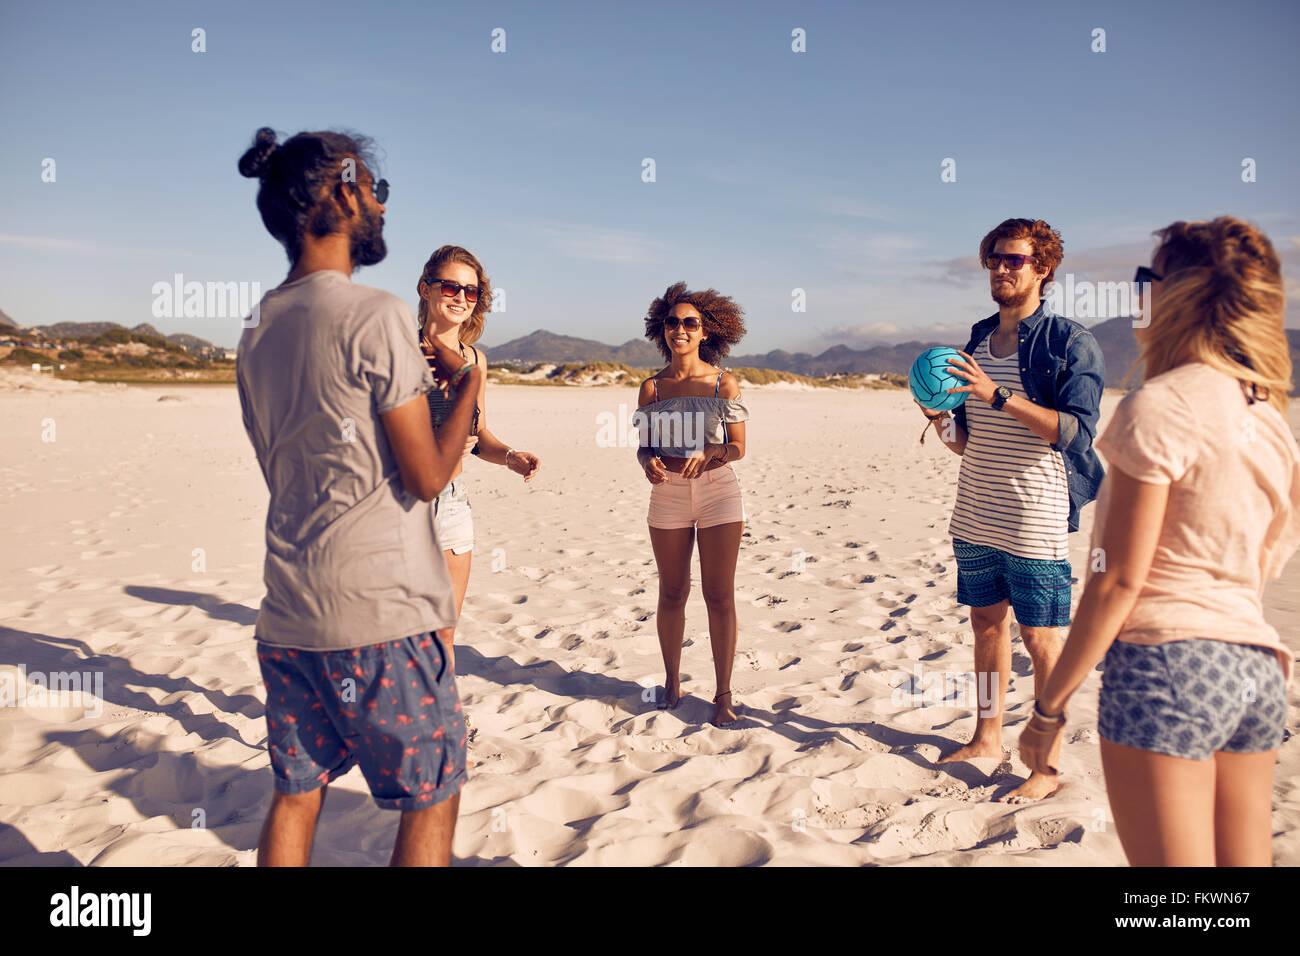 Groupe de jeunes gens debout en cercle sur la plage et jouer avec le ballon. Jeunes amis jouer au ballon jeu sur Photo Stock